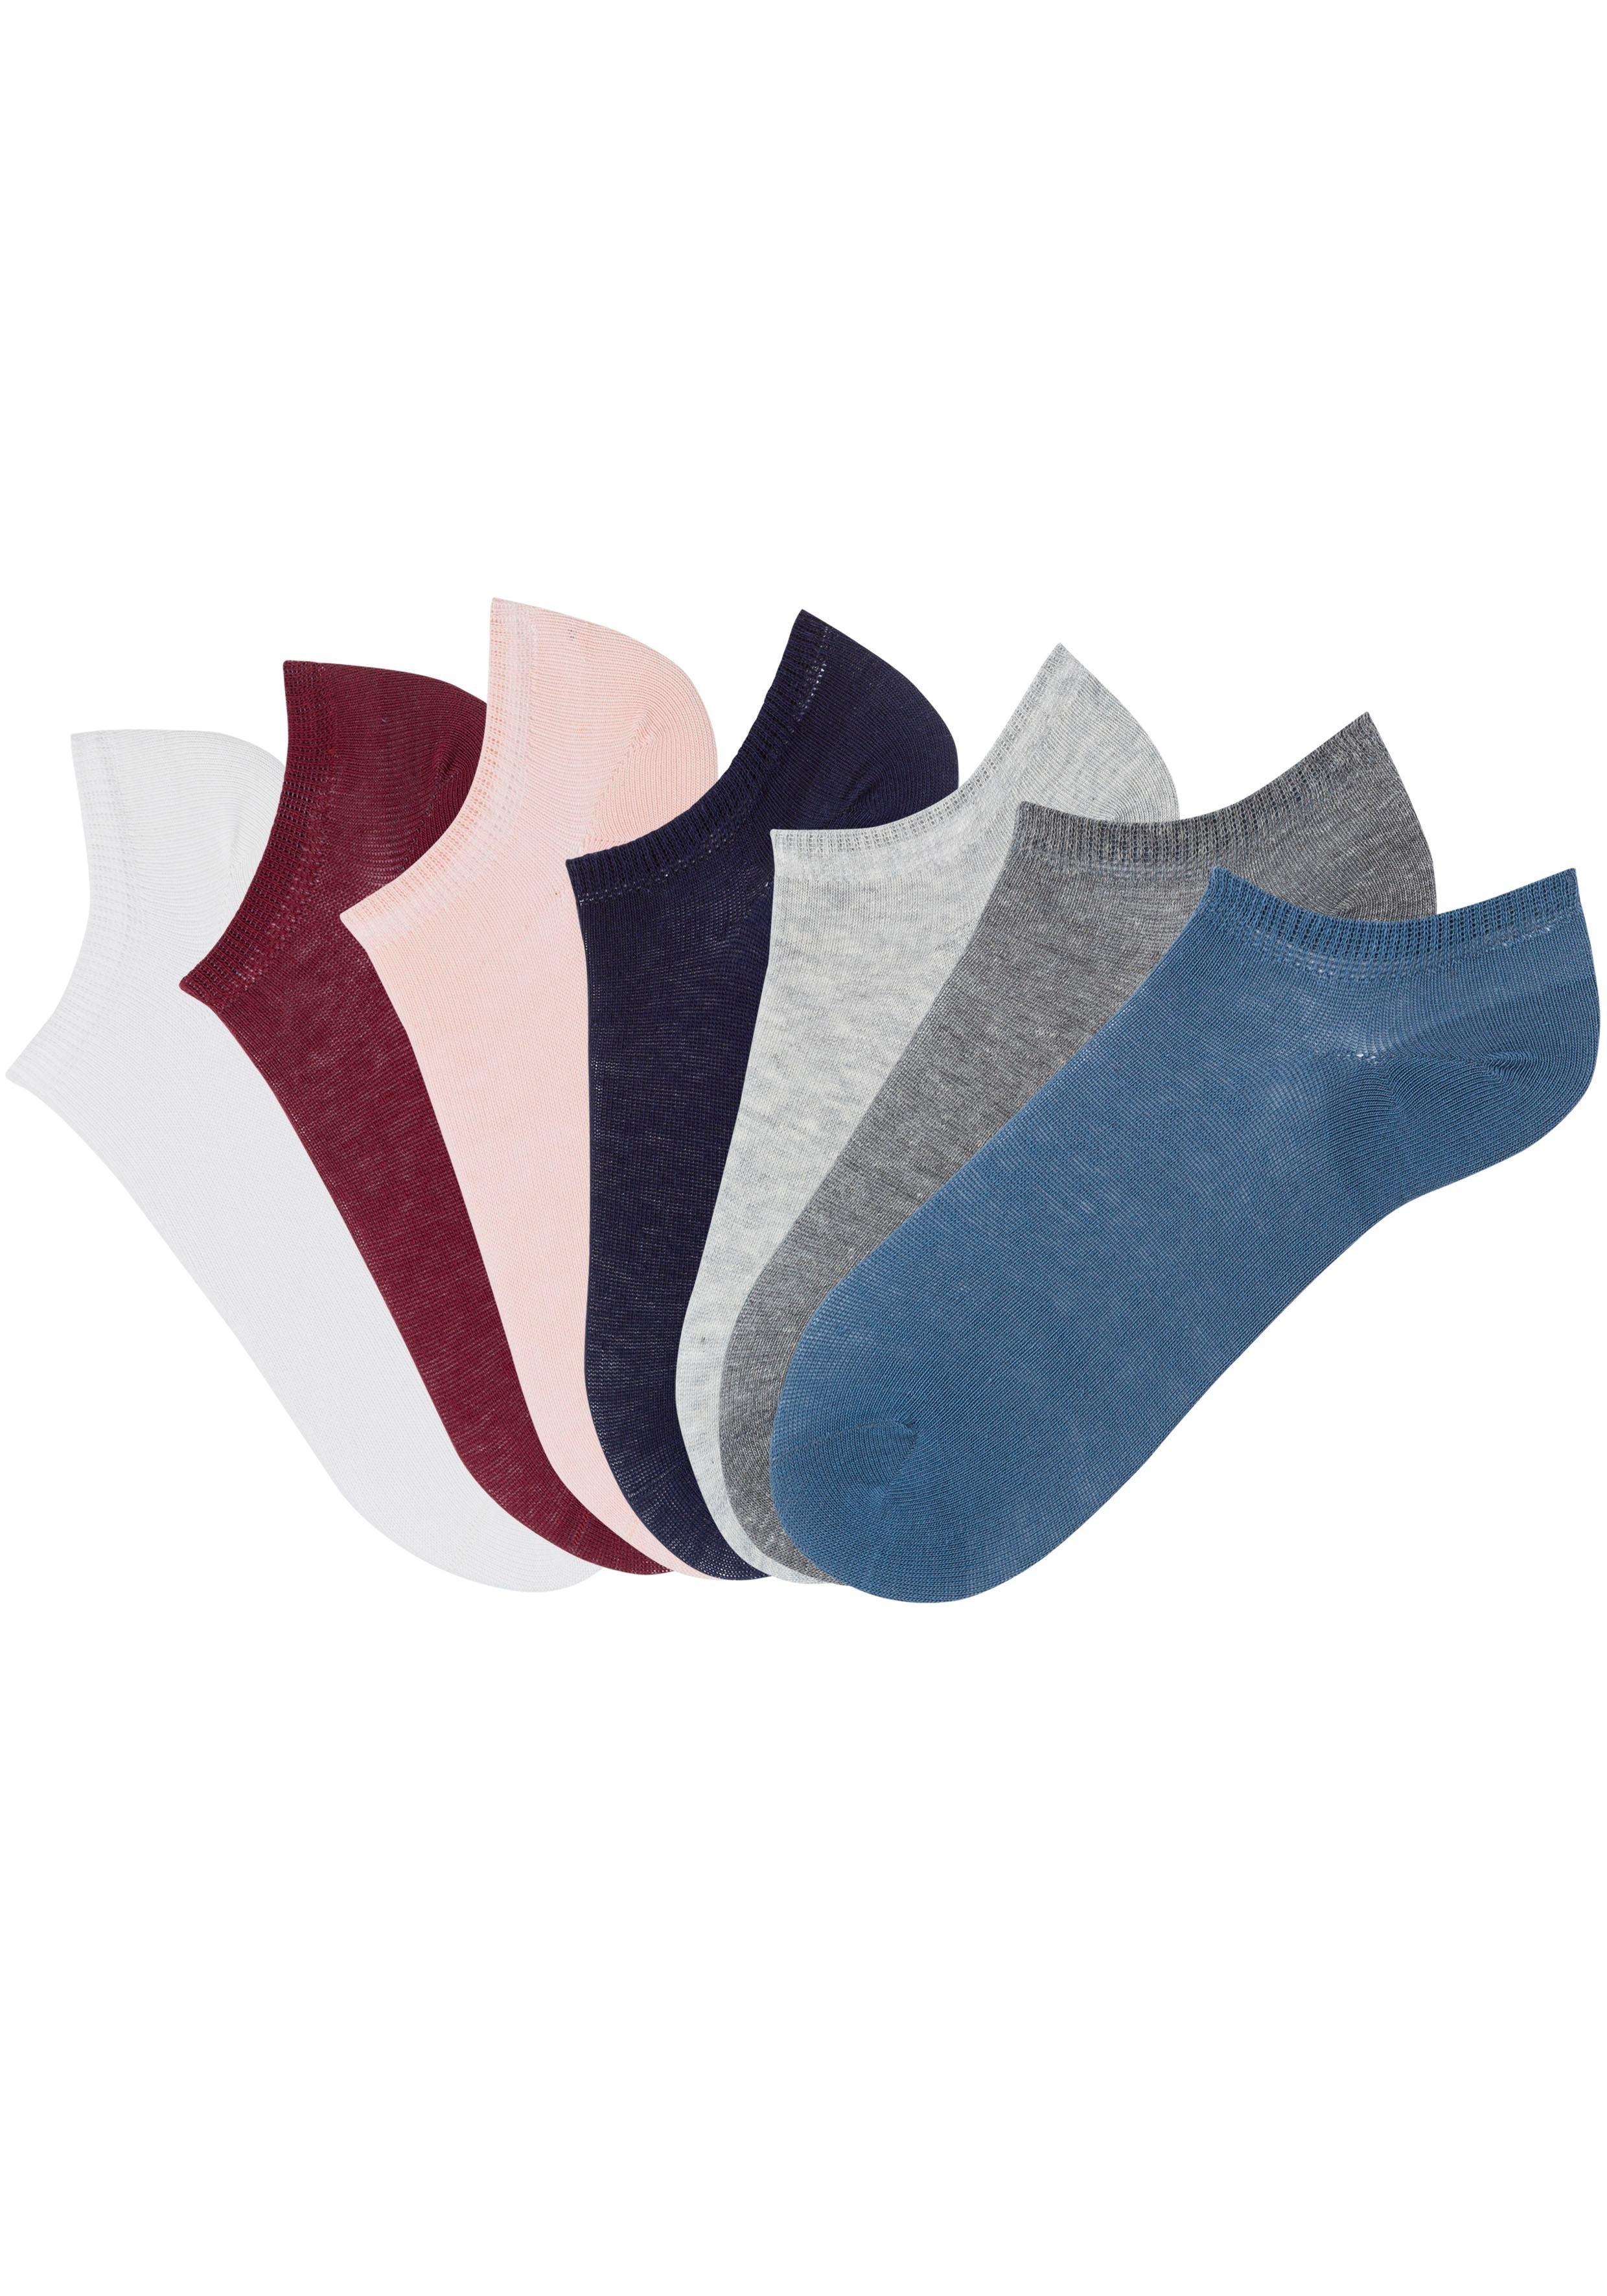 ARIZONA sneakersokken (set van 7 paar) in verschillende kleuren online kopen op lascana.nl